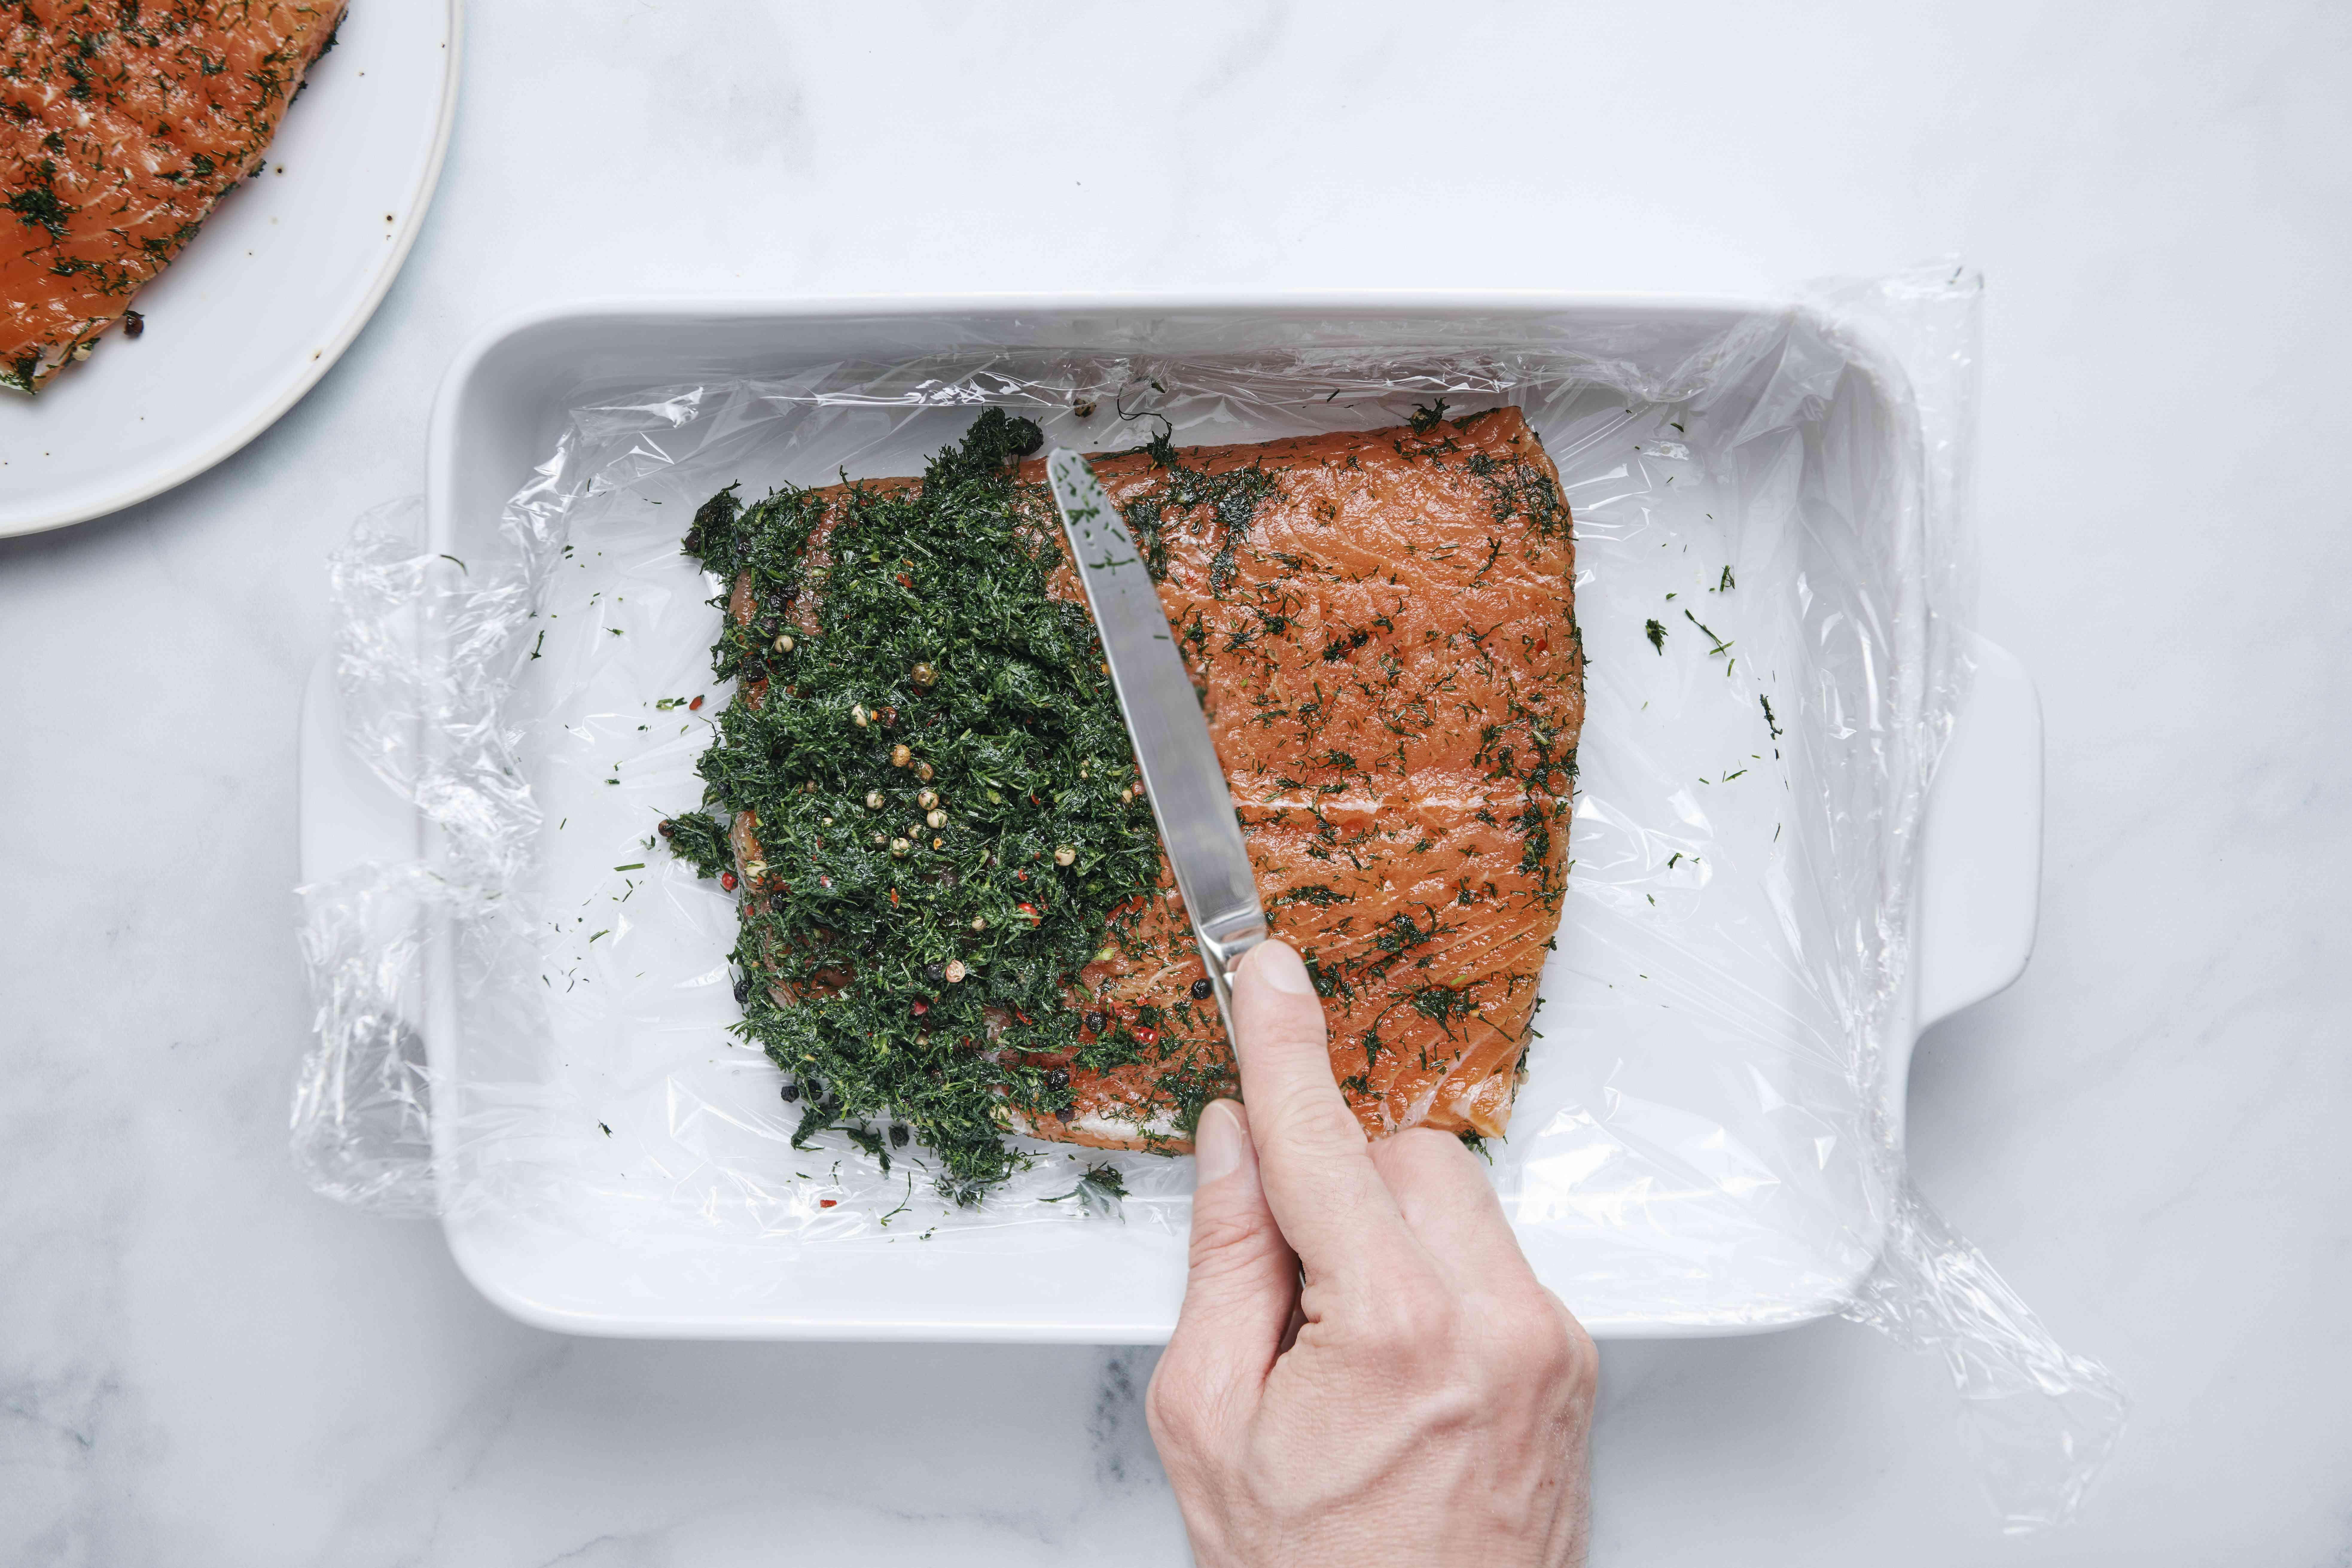 Classic Lox Recipe in a dish